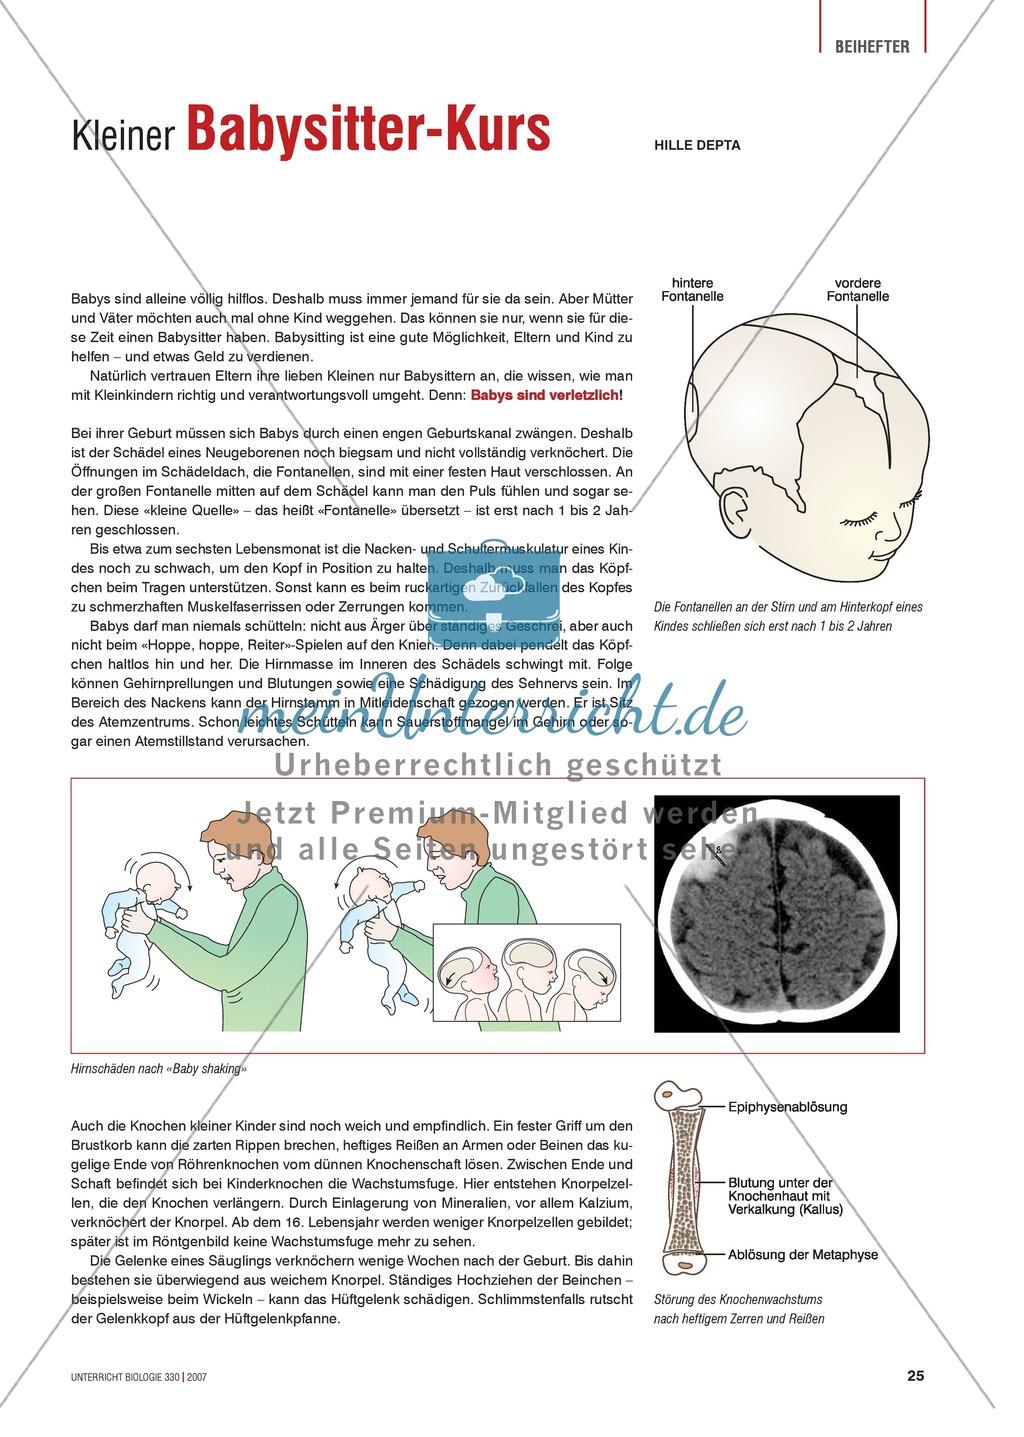 Gesundheit Babysitter Pass Was Muss Ich Beim Umgang Mit Babys Beachten